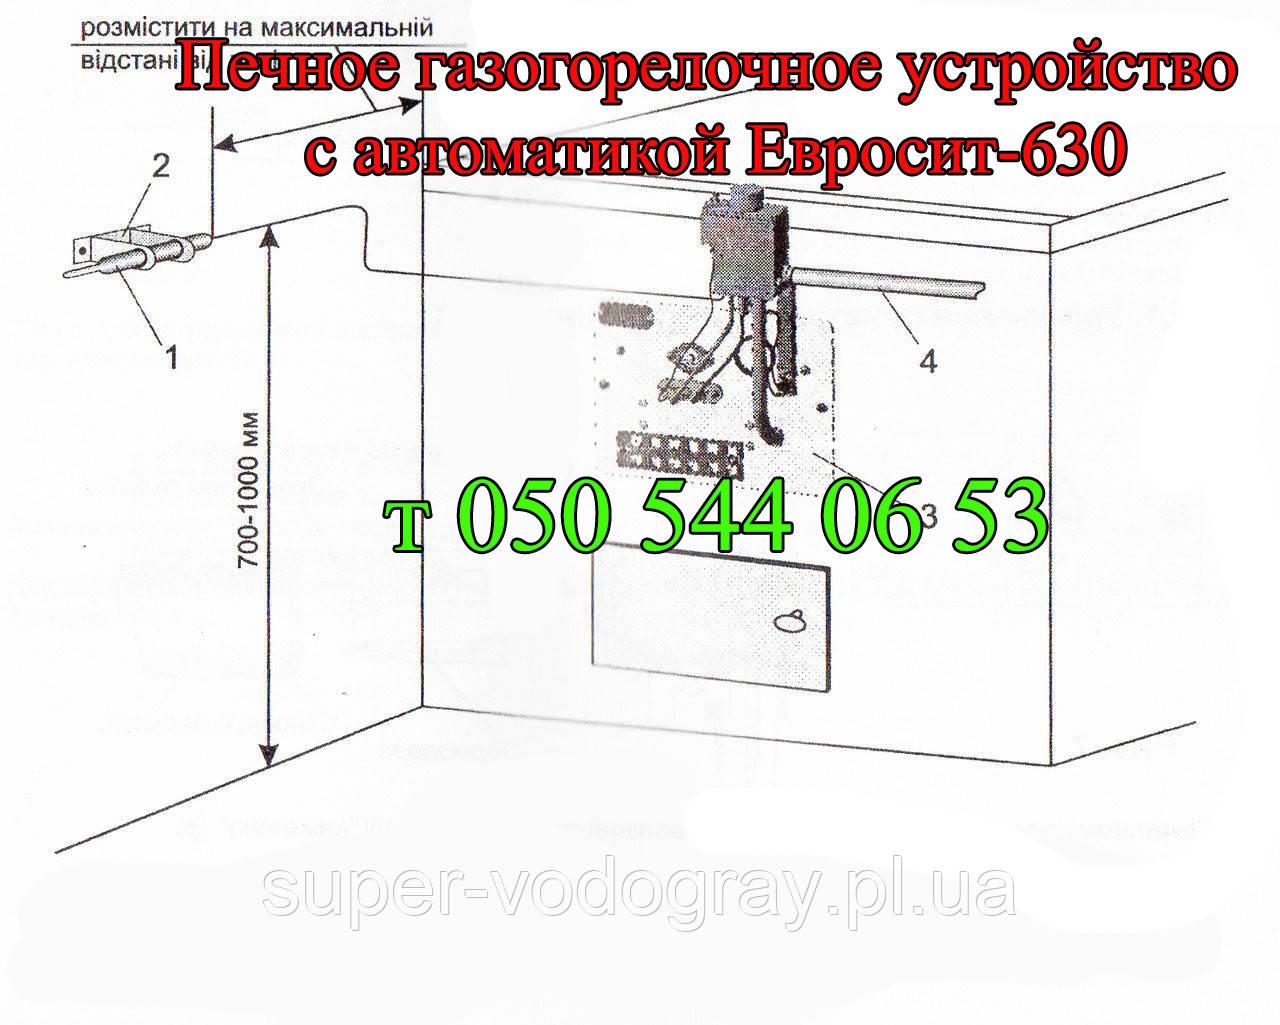 Печное газогорелочное устройство c автоматикой Евросит-630